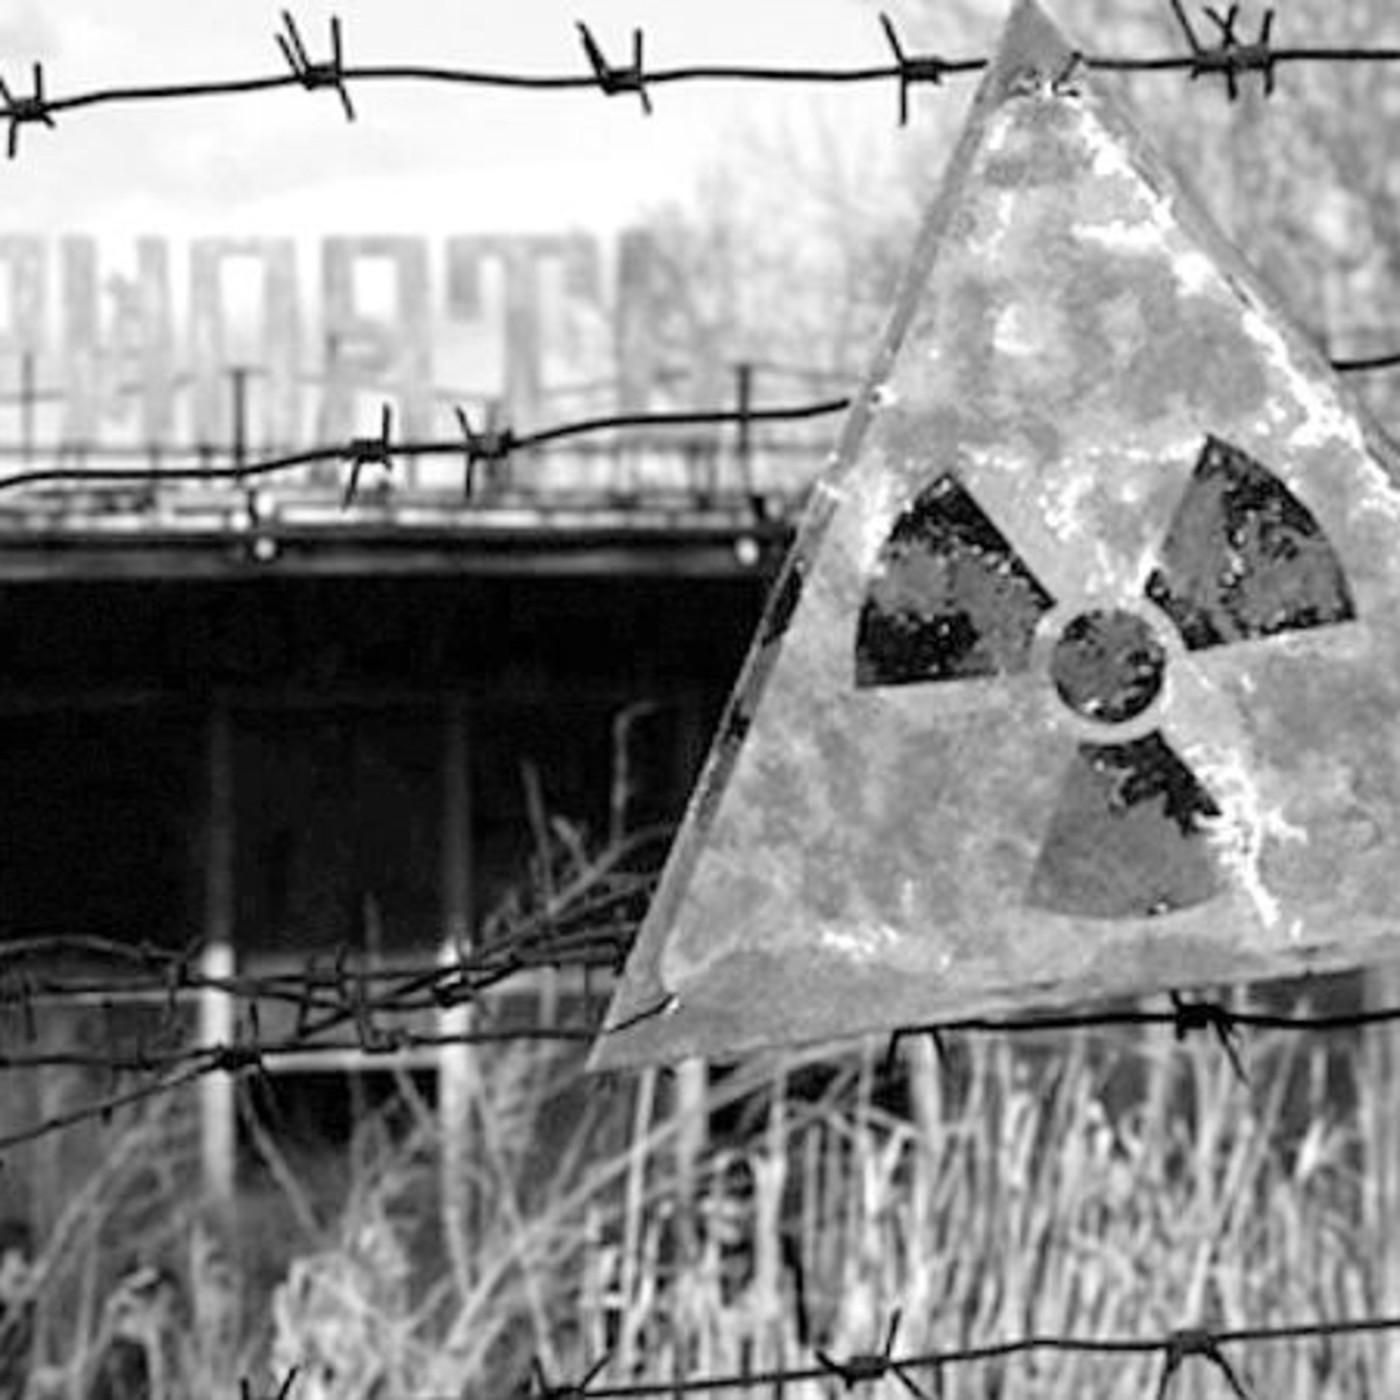 El desastre de Chernobyl en Retromilenio 3 en mp3(18/08 a las 07:21 ...